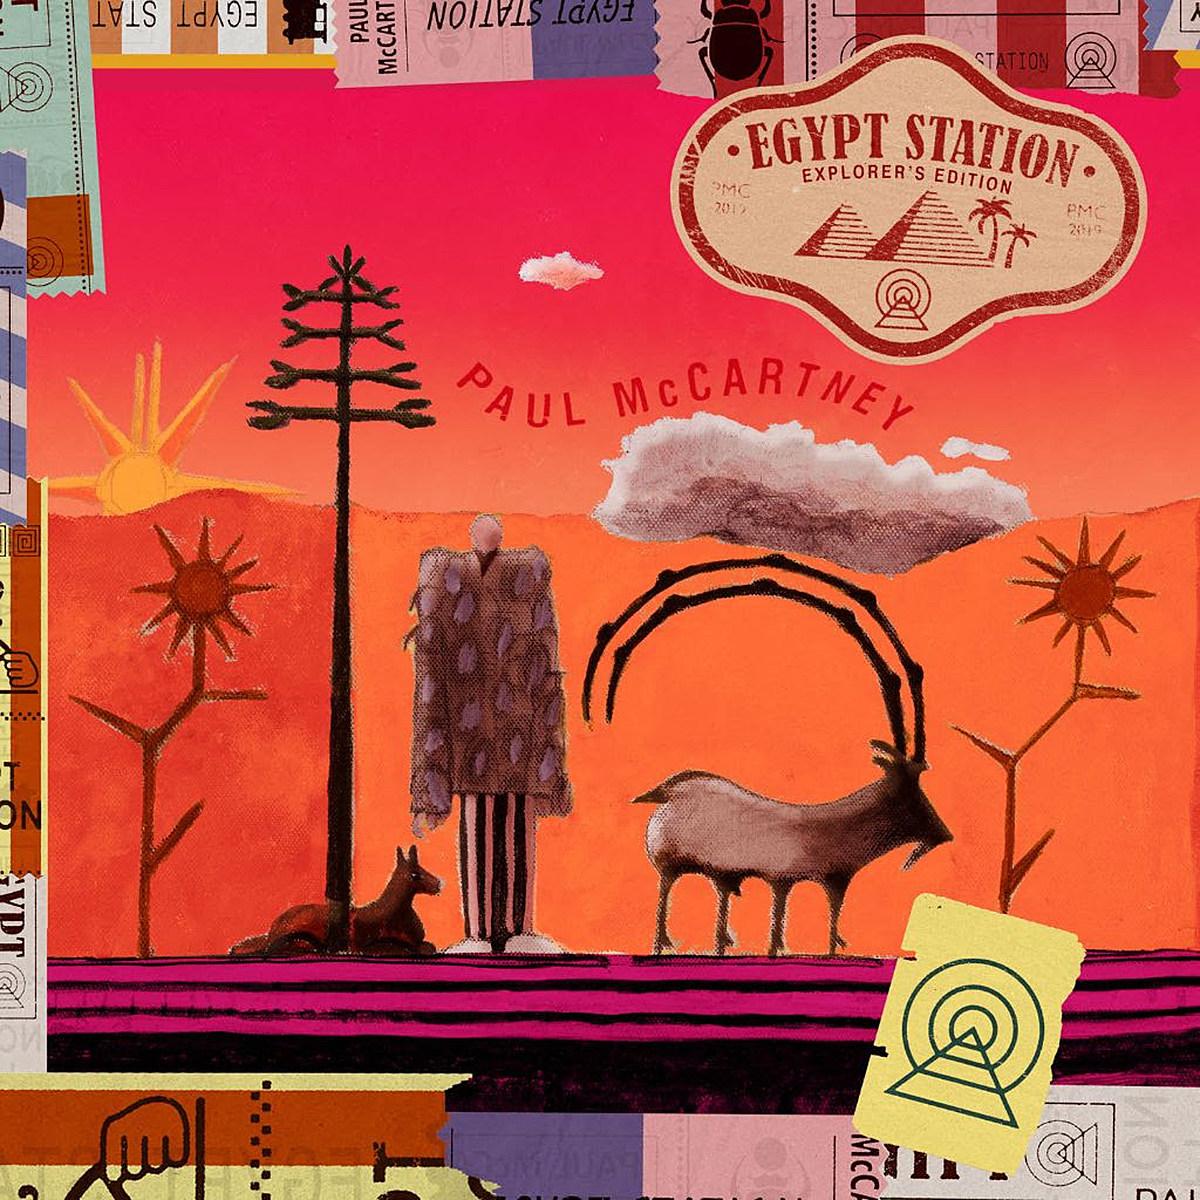 Paul McCartney Announces 'Egypt Station: Explorer's ...